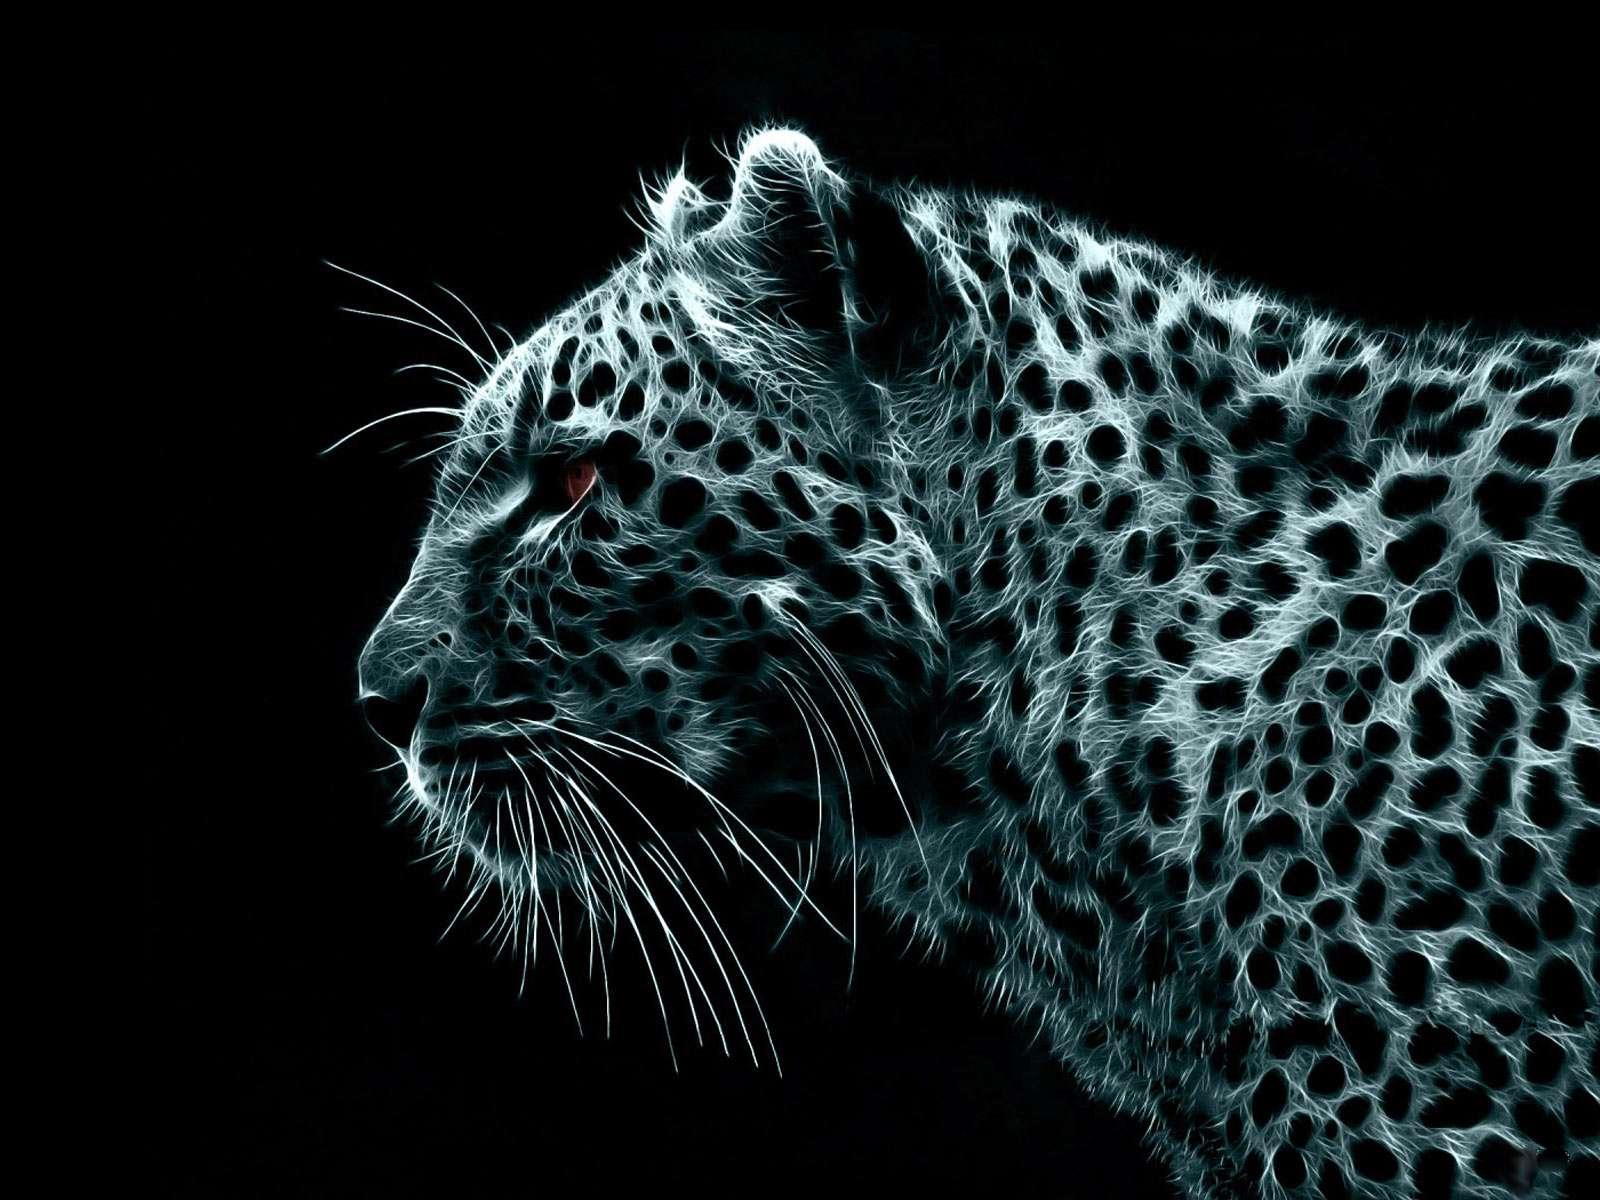 Gennaio 2011 immagini e sfondi per ogni momento for Immagini spettacolari per desktop